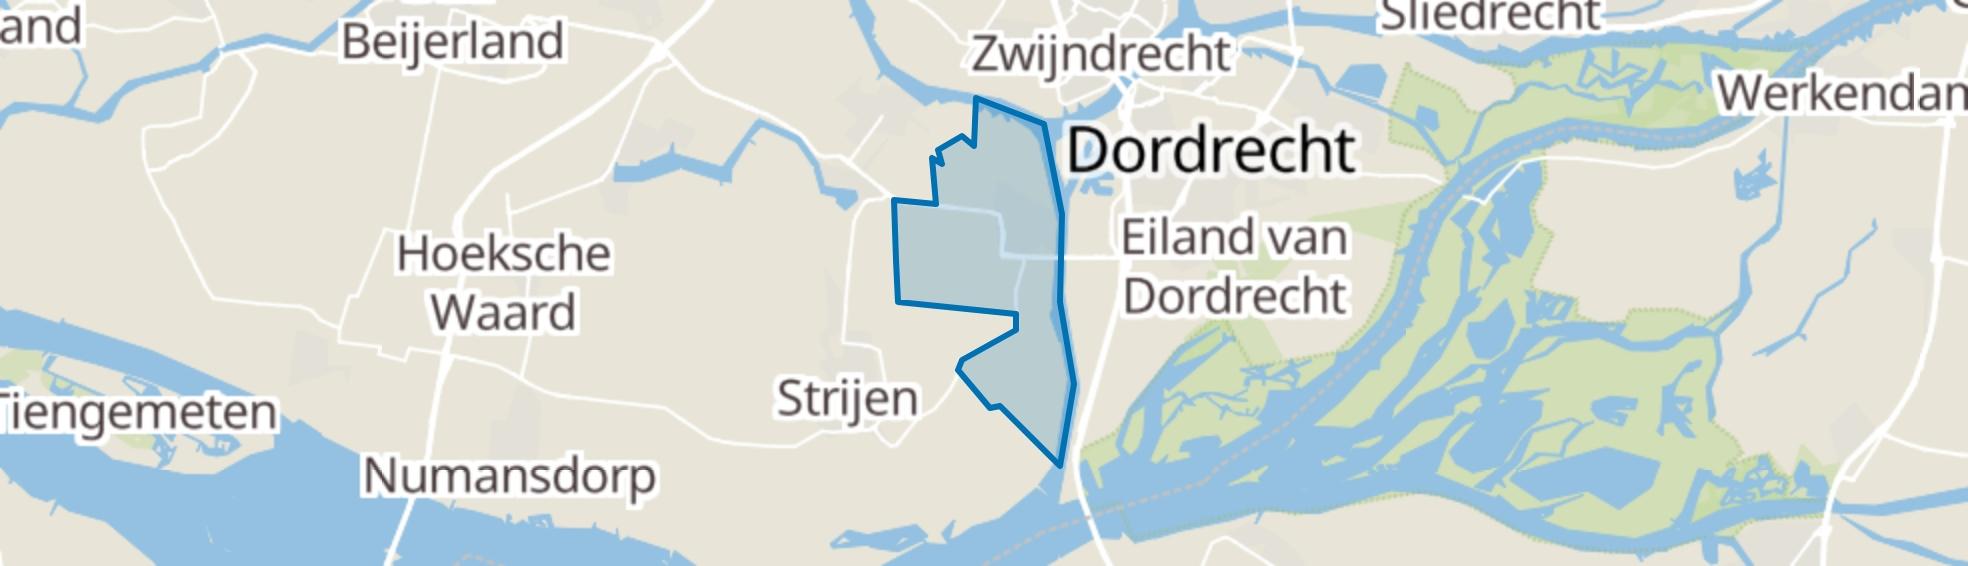 's-Gravendeel map